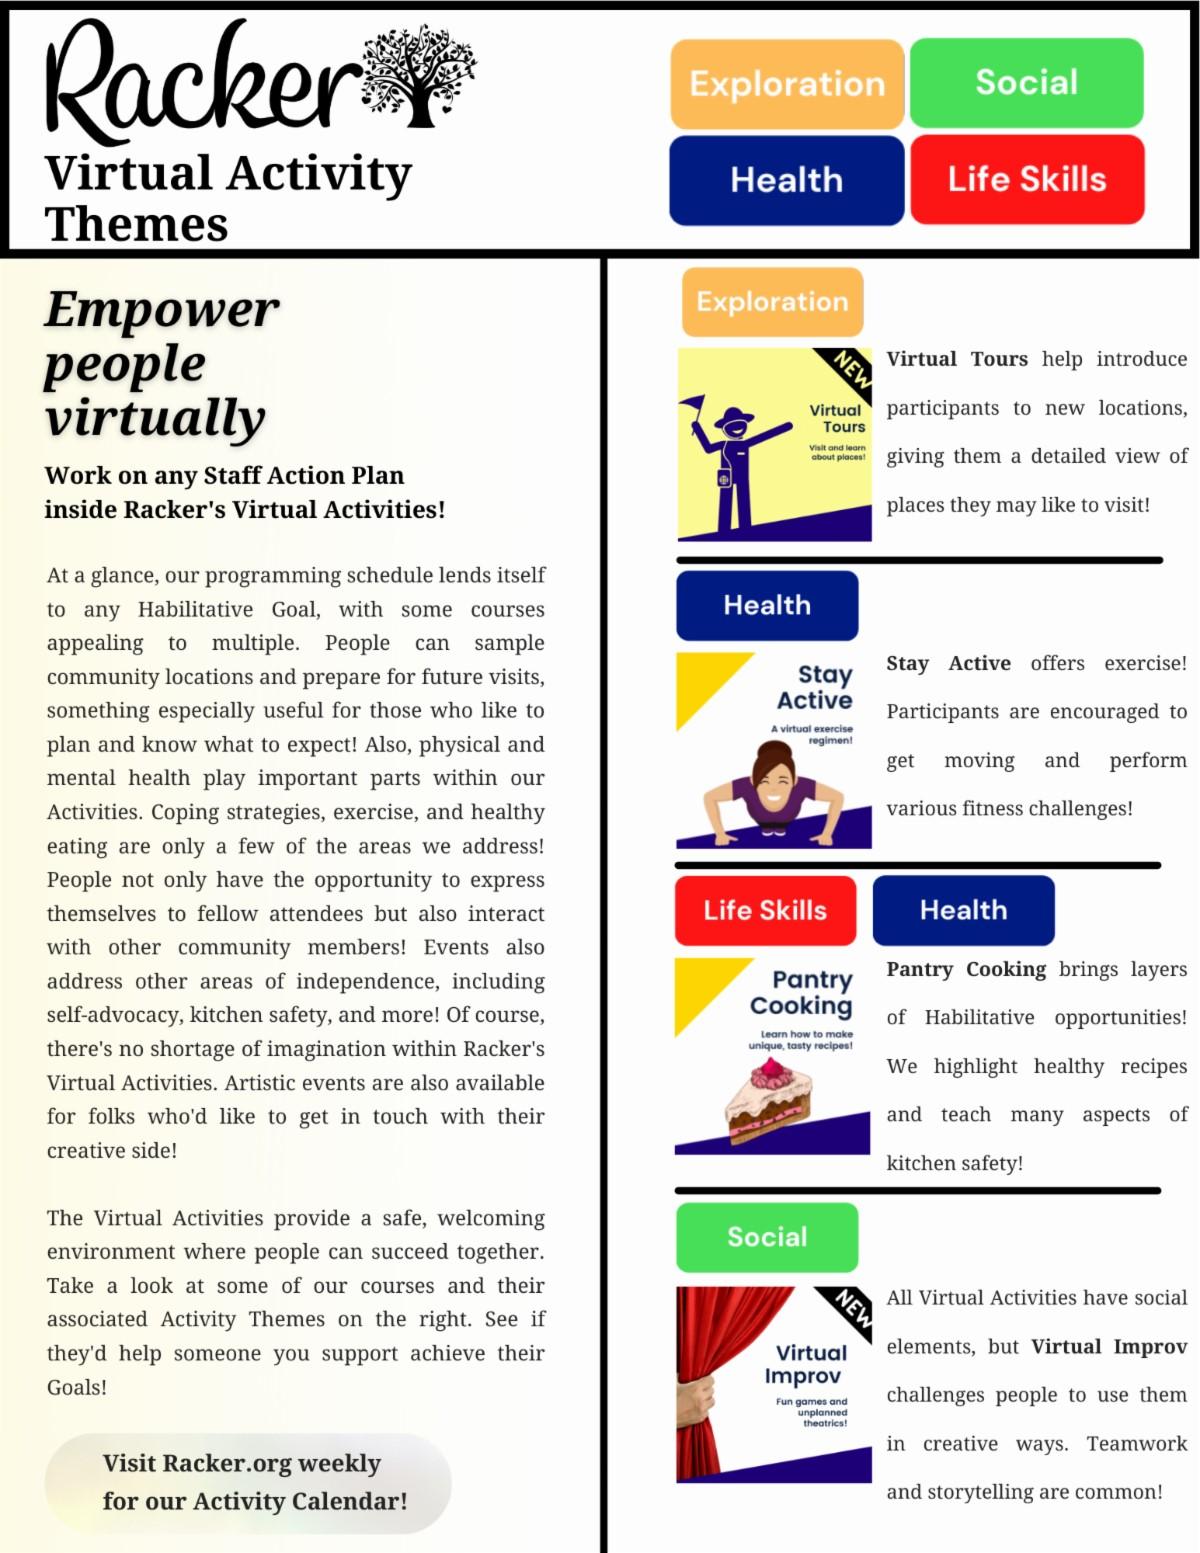 Rackers Virtual Activities link to goals